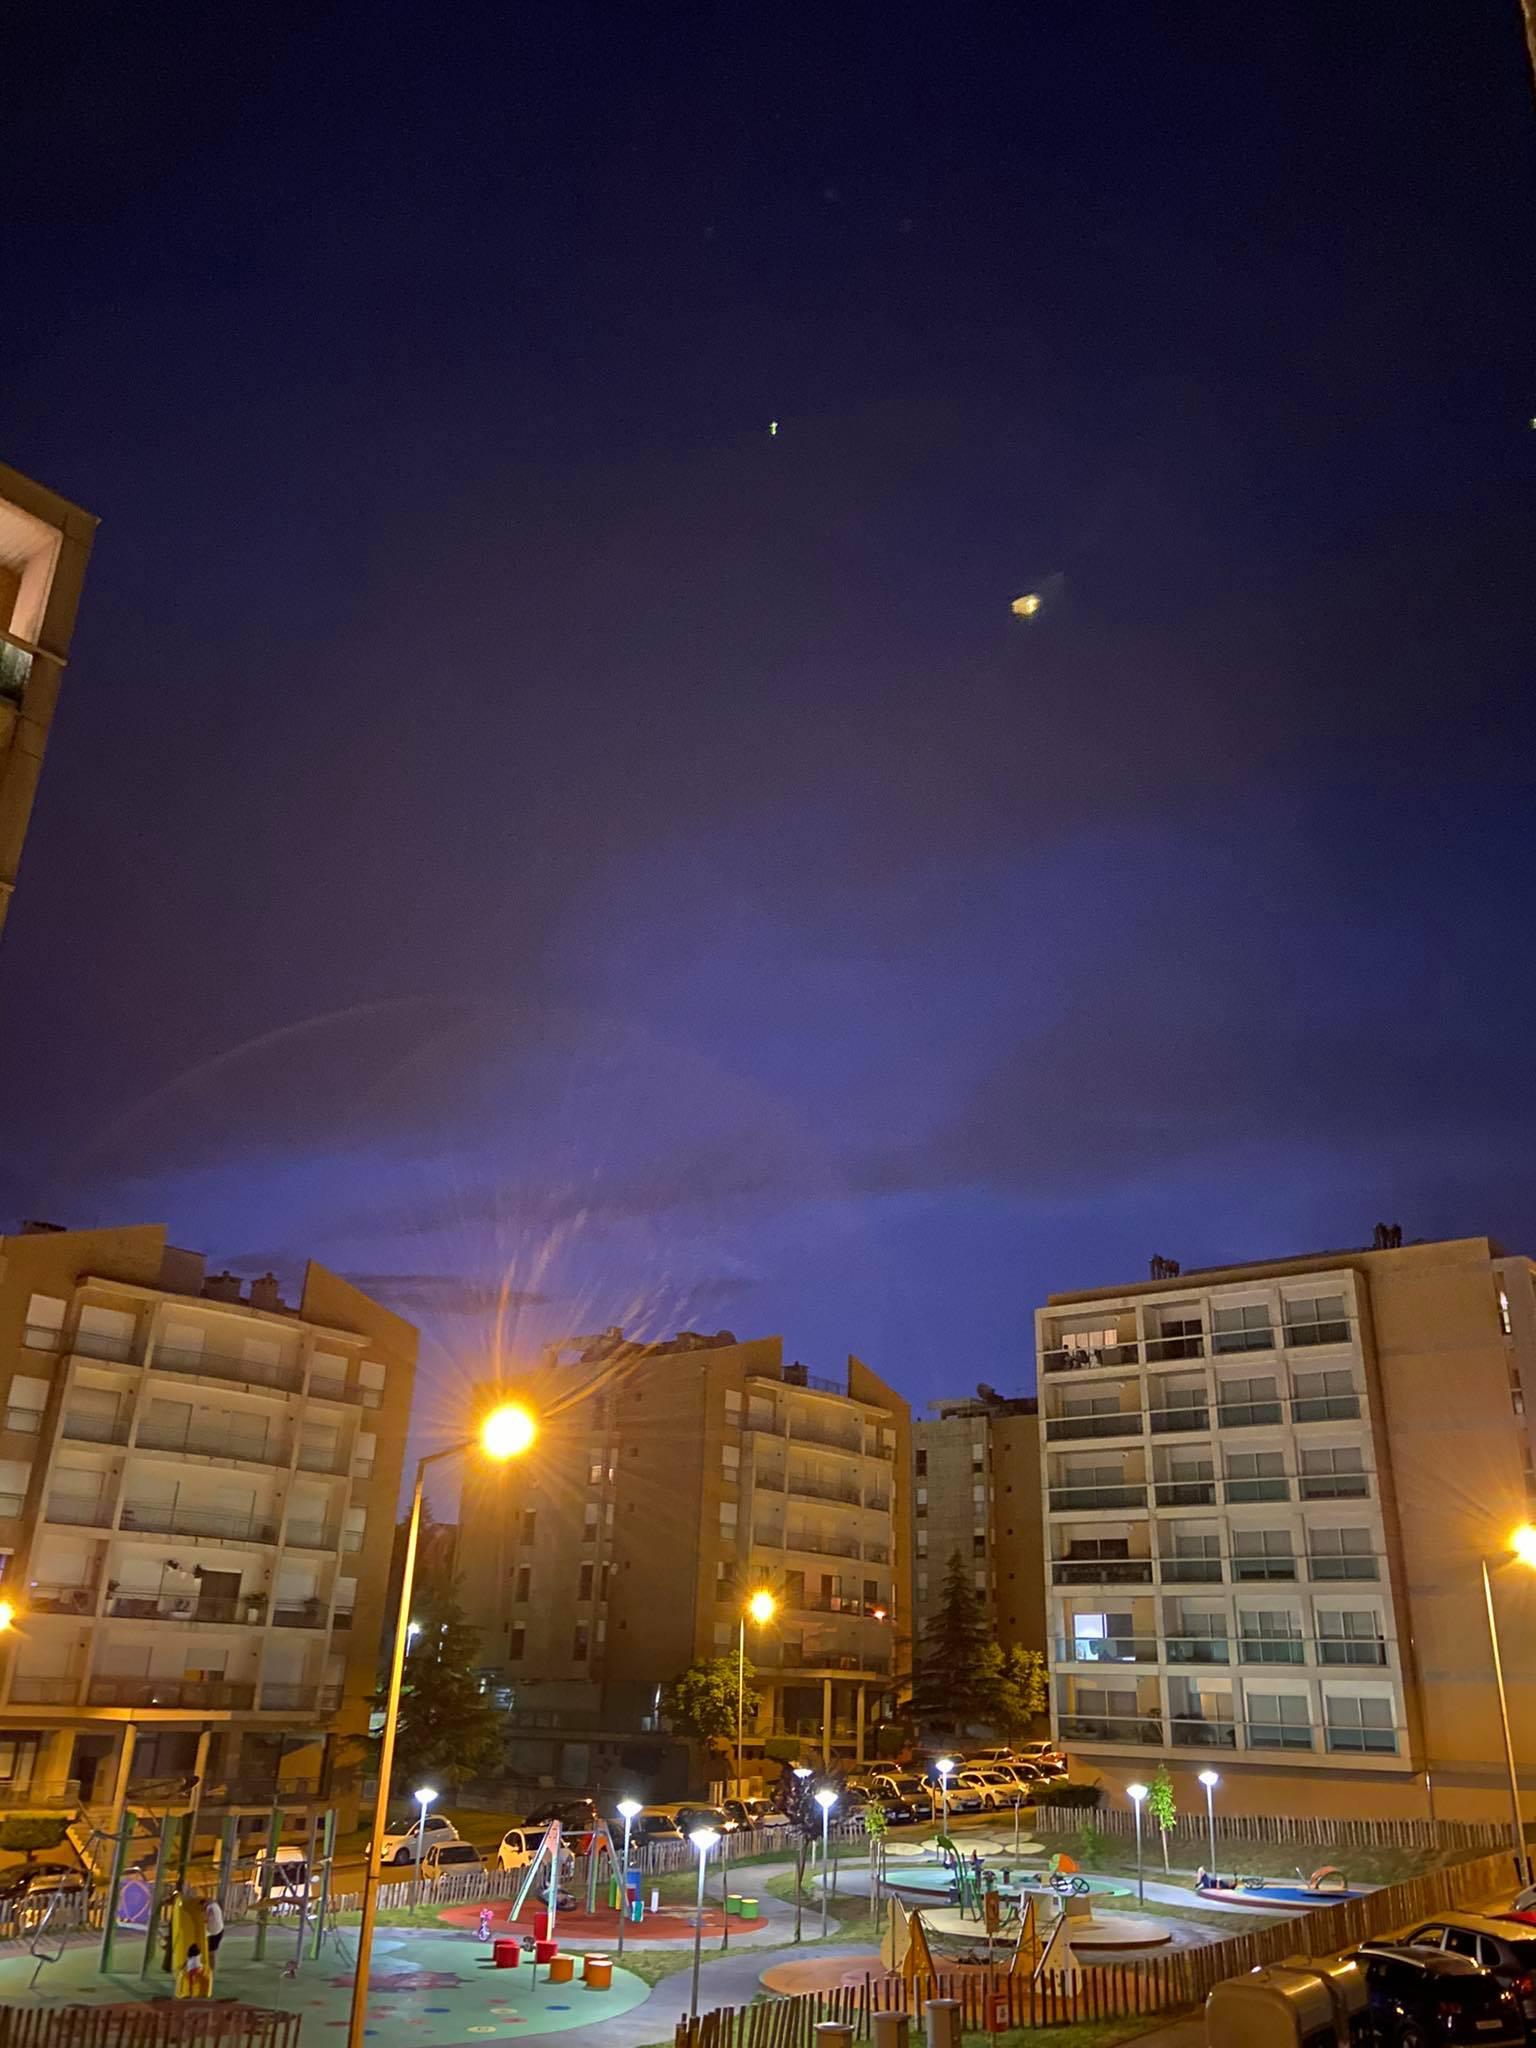 Alunos desconhecem o fenómeno da poluição luminosa e o direito ao céu estrelado